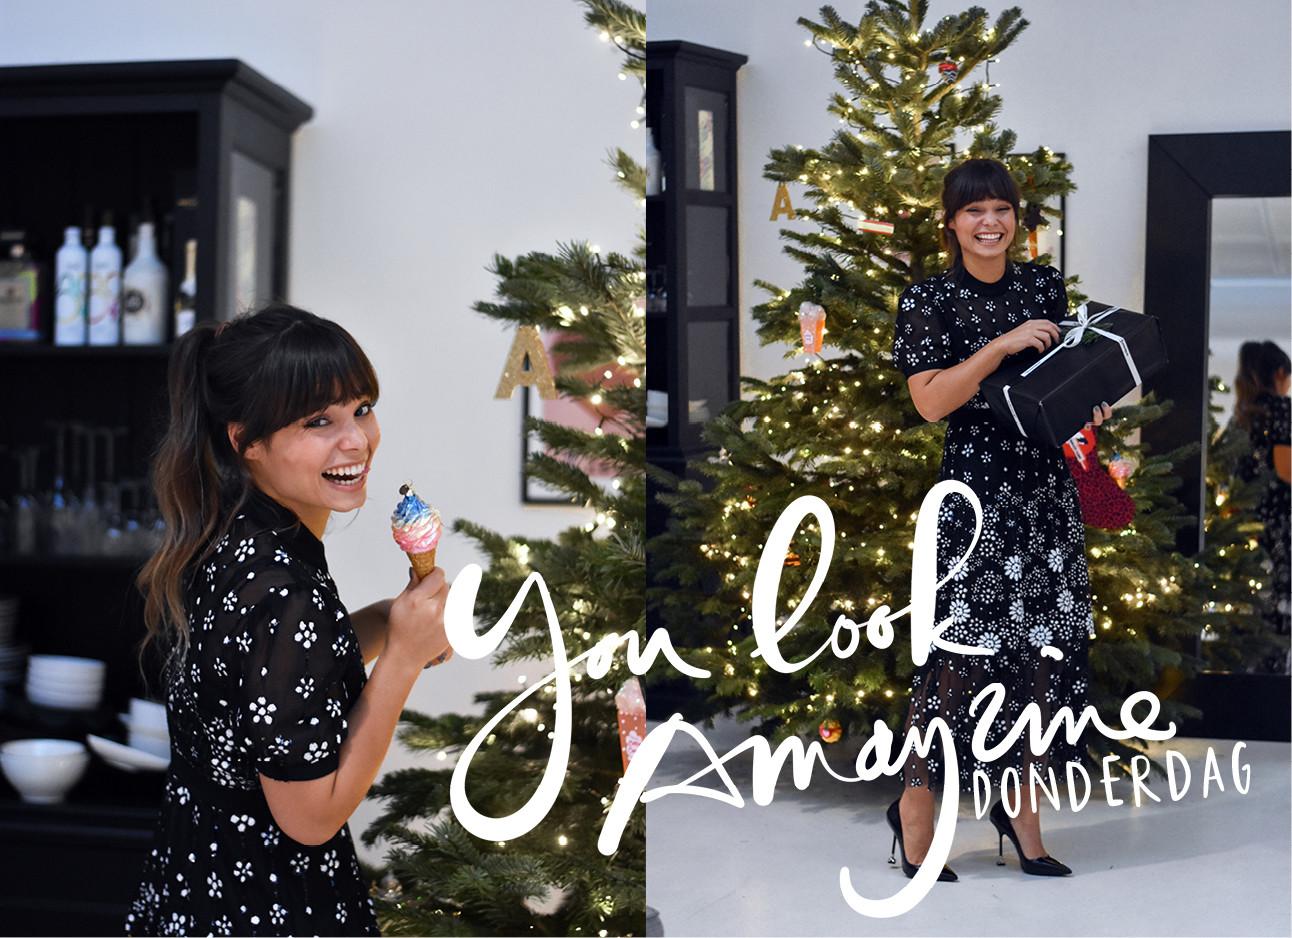 kiki die lachend voor de kerstboom staat